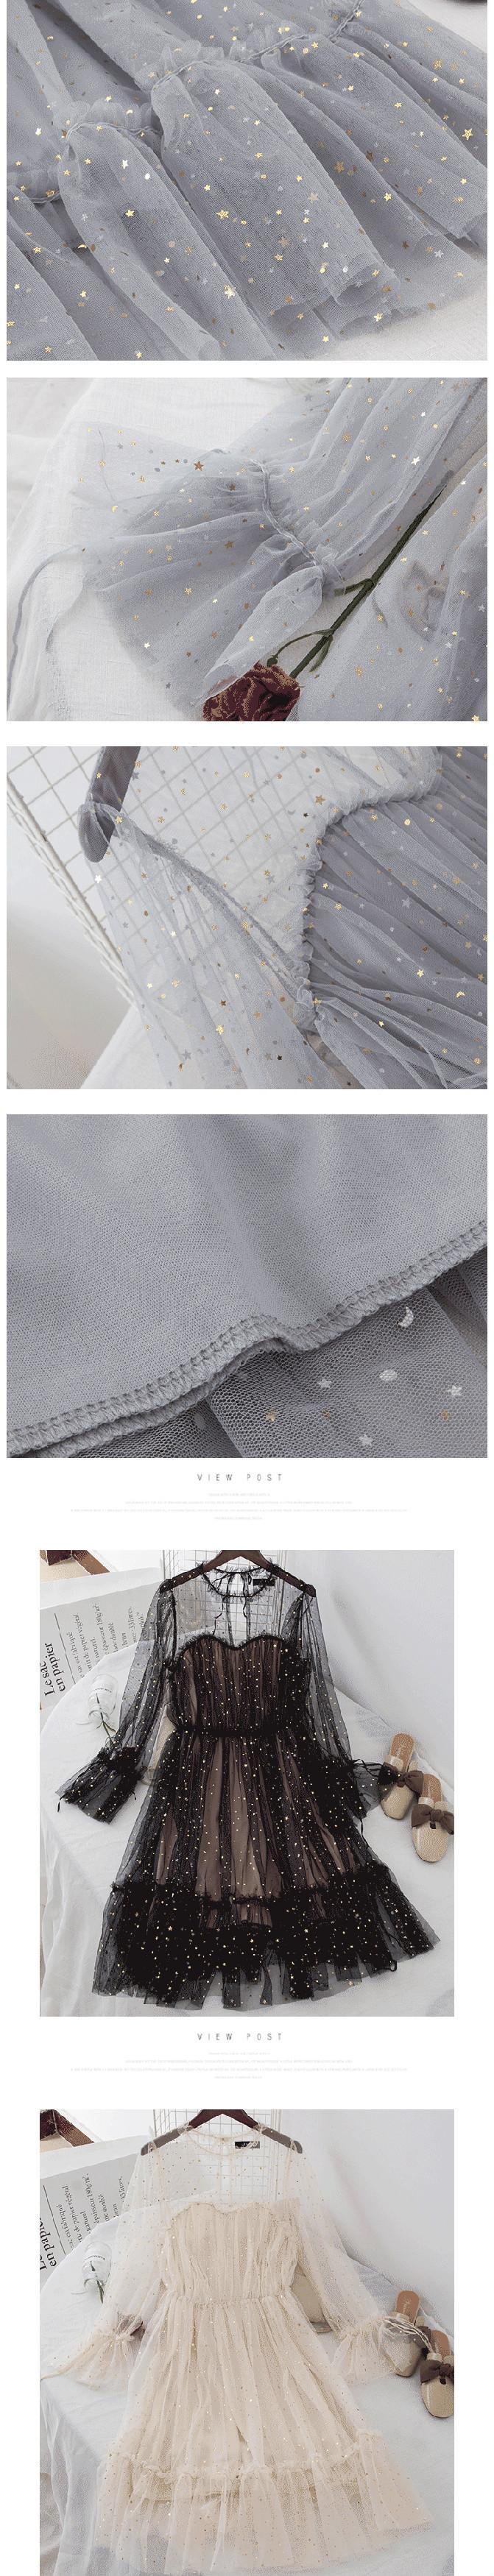 großhandel koreanische pailletten bling kleid frauen spitze rüschen fee  tüll kleider vintage sexy damen gefälschte zweiteilige göttin tutu kleid  von